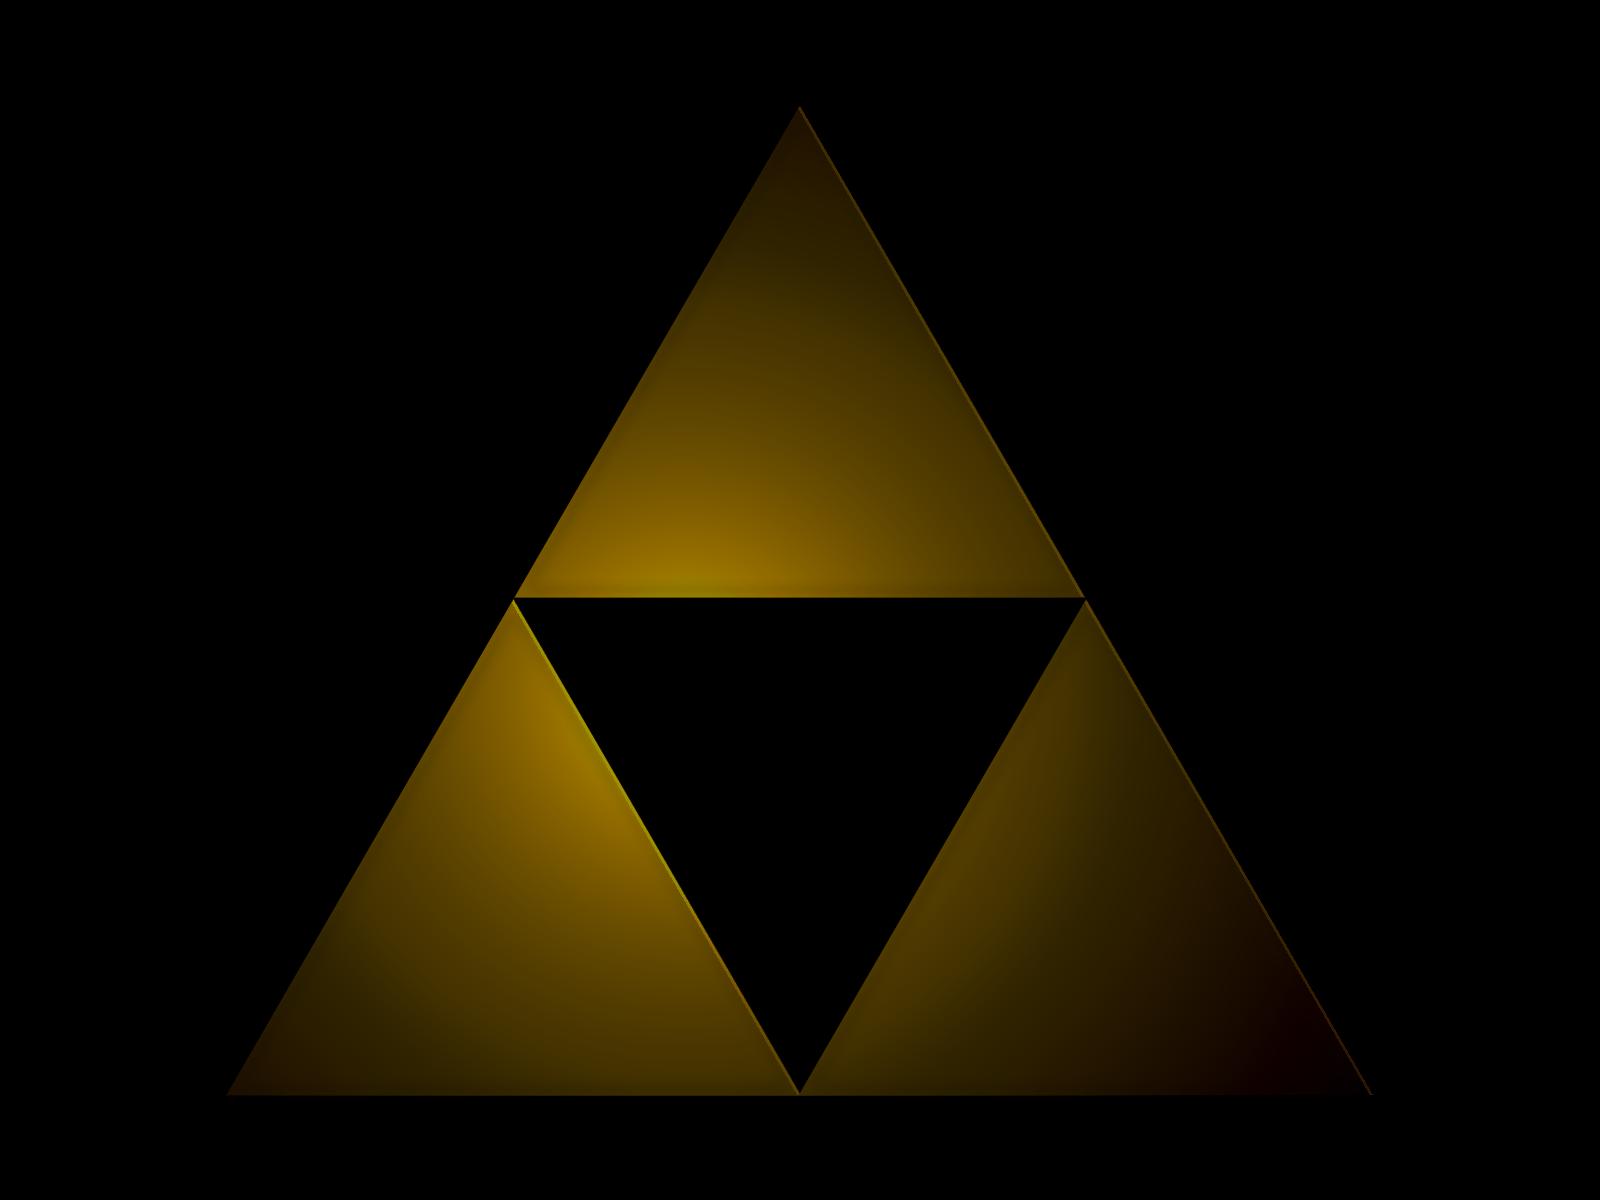 Loz Legend Of Zelda Wallpaper 1600x1200 123460 Wallpaperup